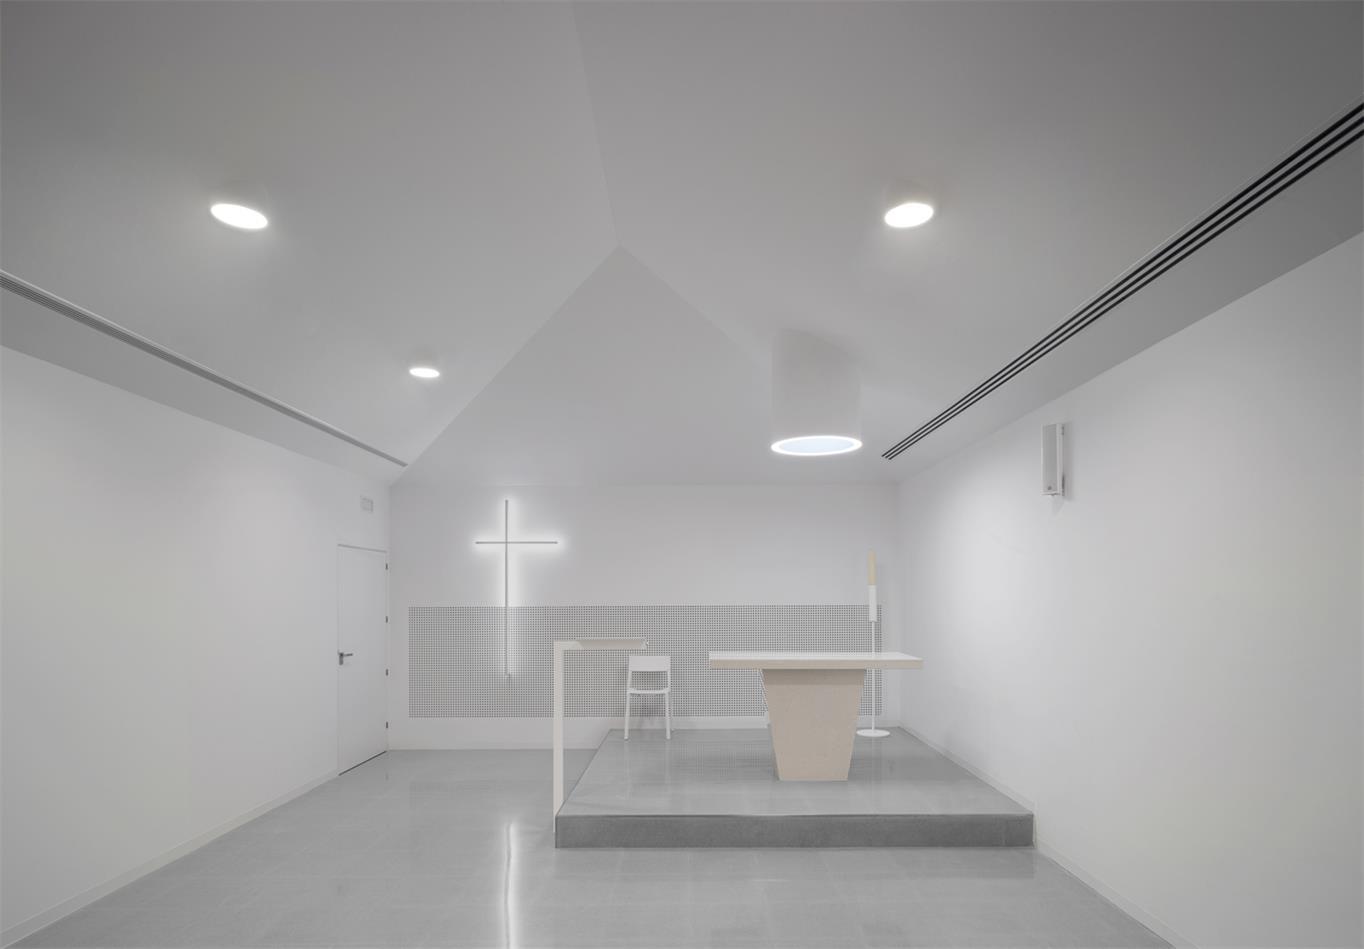 殡仪馆教堂正立面设计